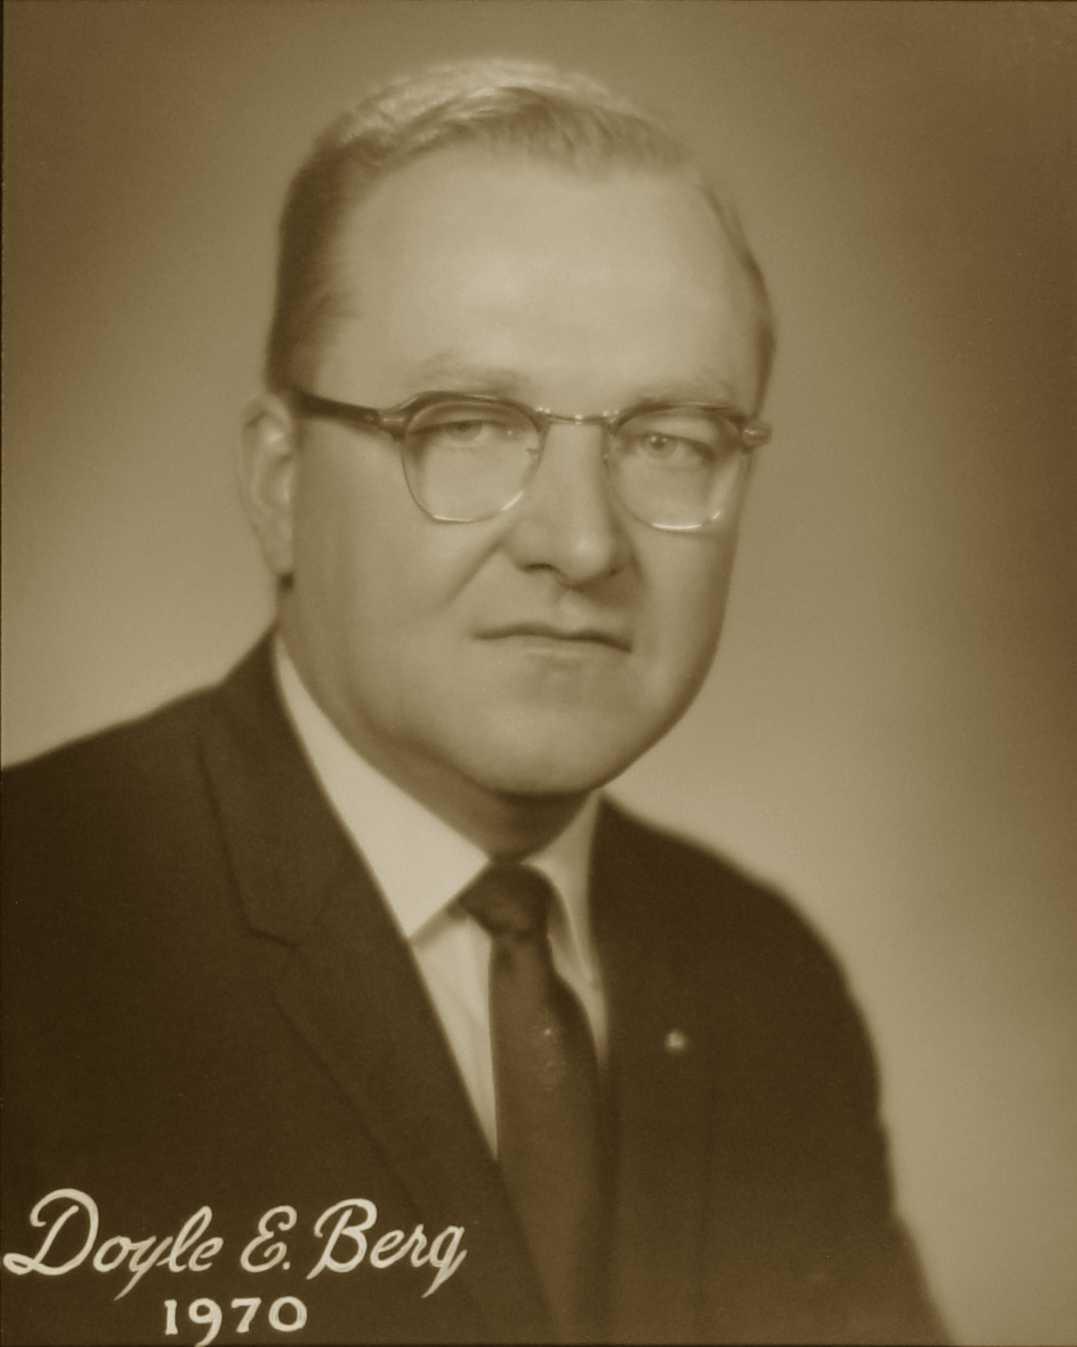 Doyle E. Berg, 1970